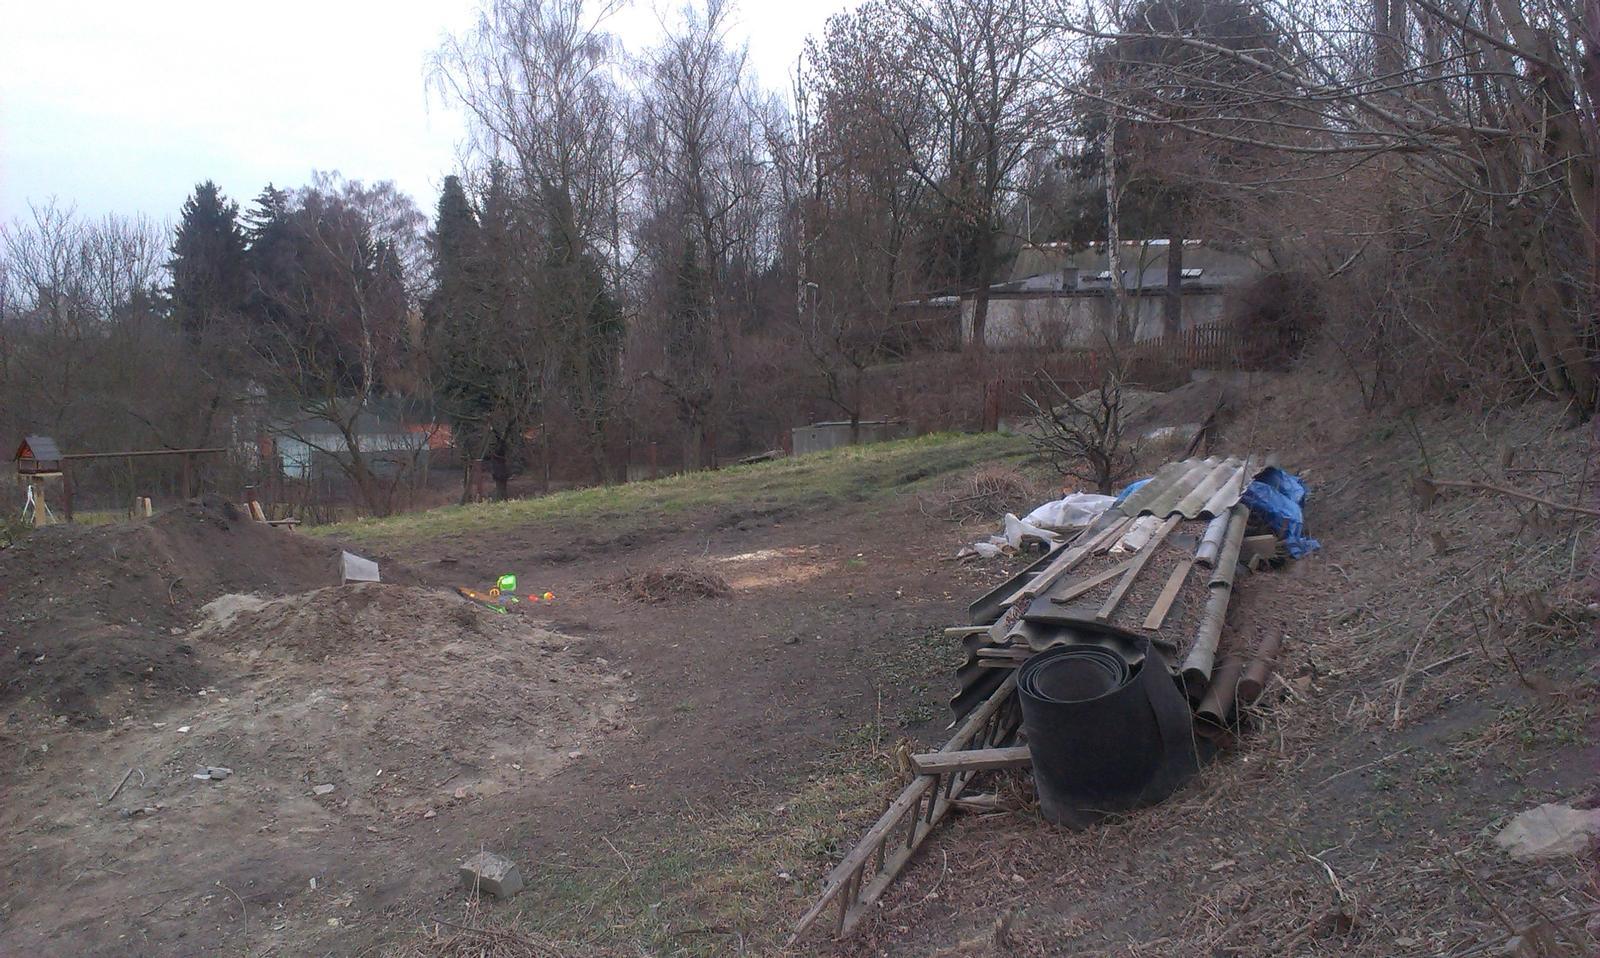 Záhrada - to bude zmena keď bude zarovnaný pozemok, tráva a kvety :-)